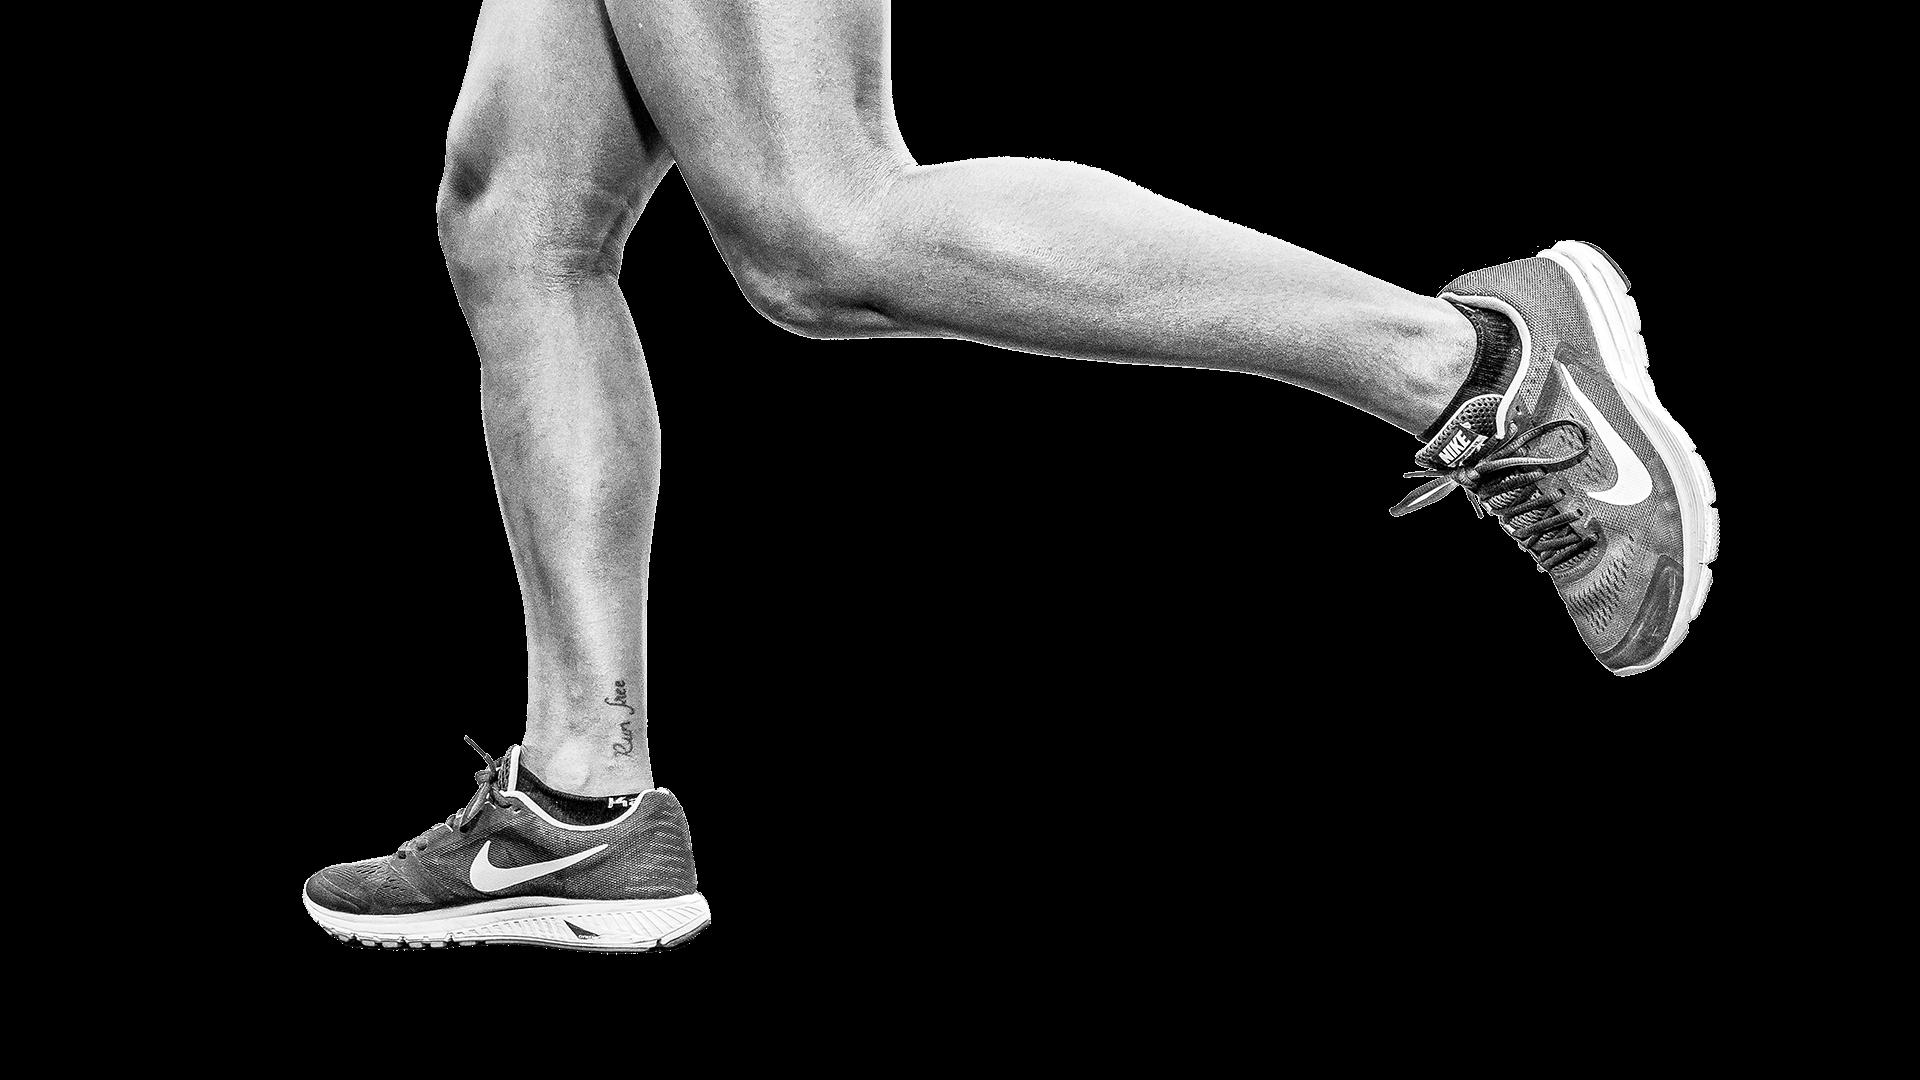 élément graphique des cabinets de kiné du sport et d'ostéopathie du sport KOSS Paris - Kiné paris 15 - Kiné Paris 16 - Kiné Paris 7 - Kiné Paris 8